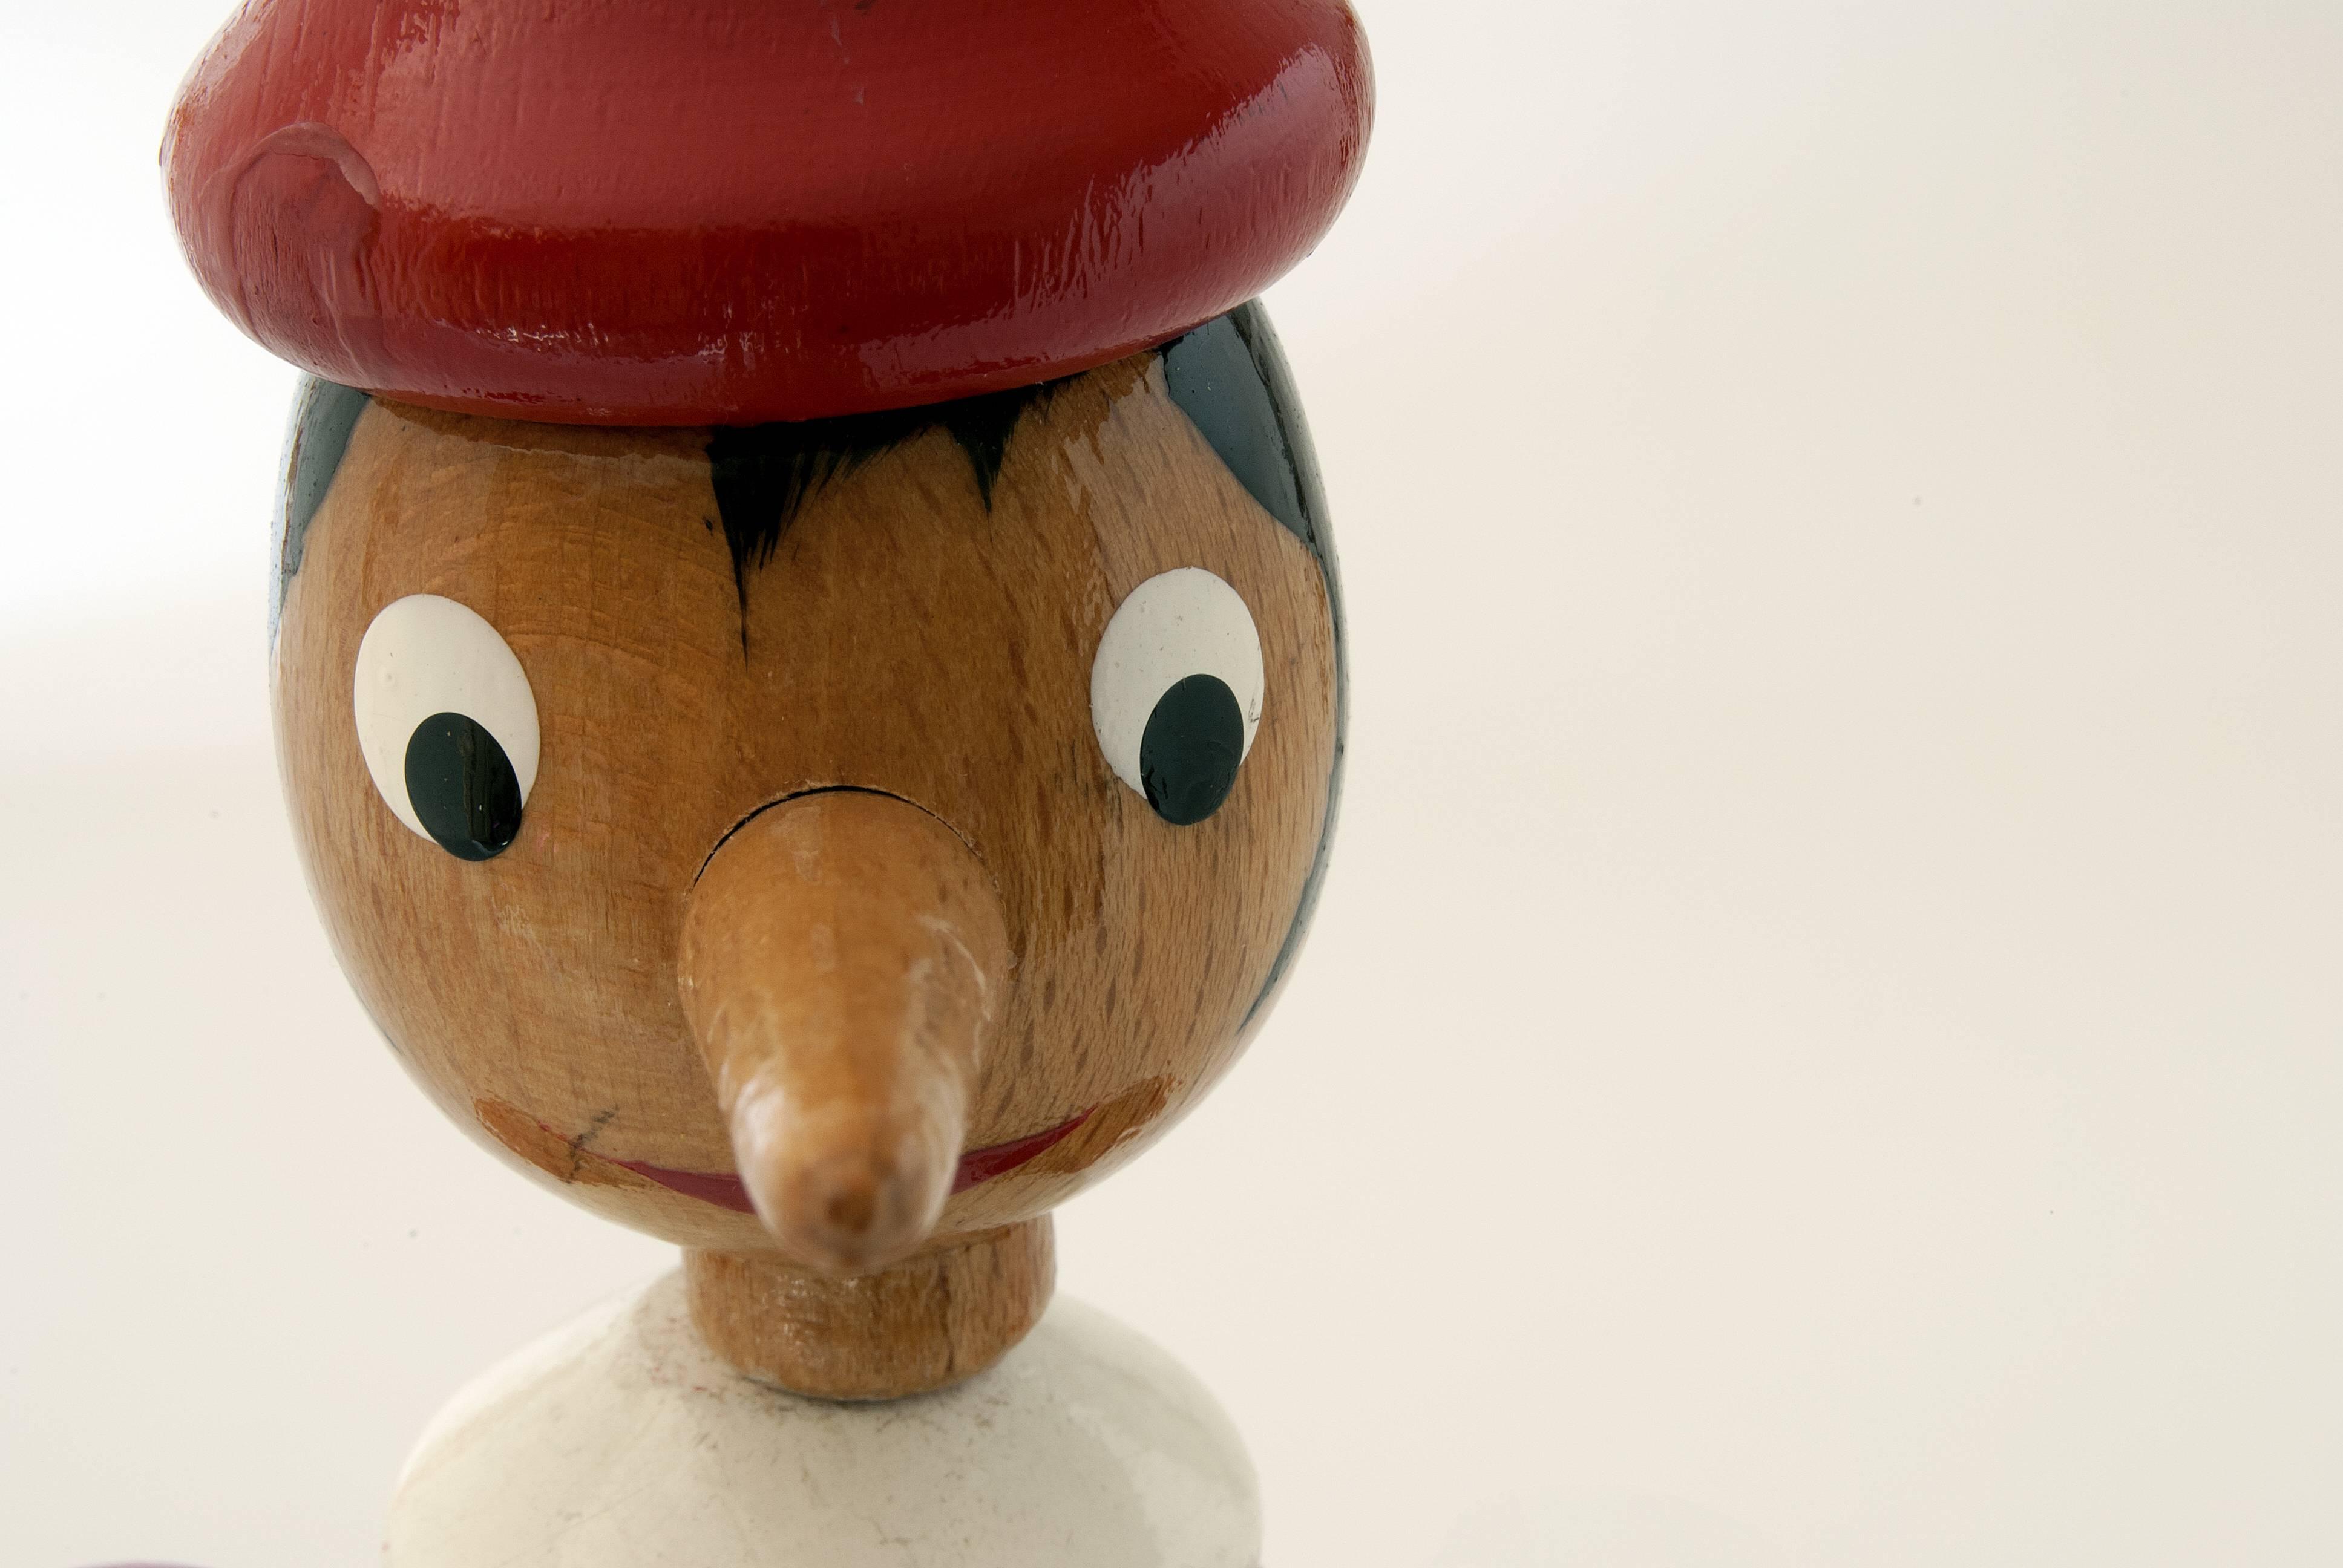 """Genitori, smettere di leggere """"Pinocchio"""" ai bambini: ecco perché"""